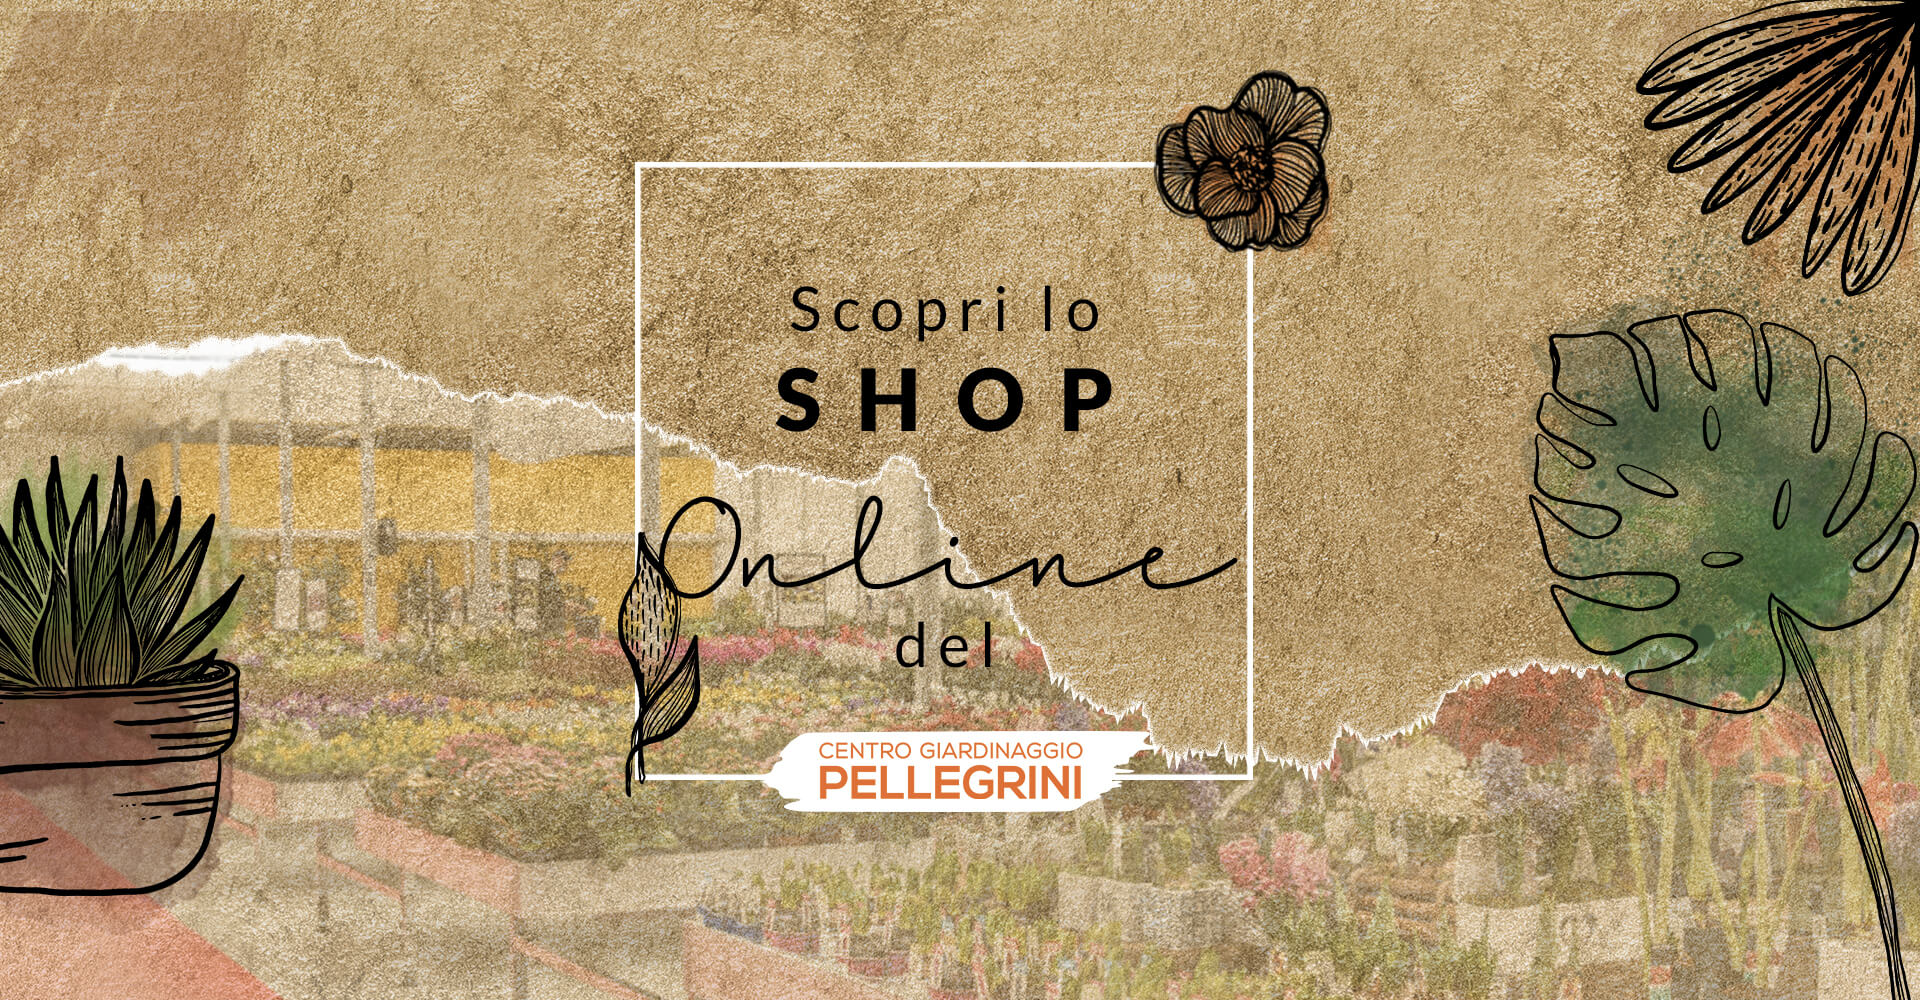 scopri lo shop online del centro giardinaggio pellegrini